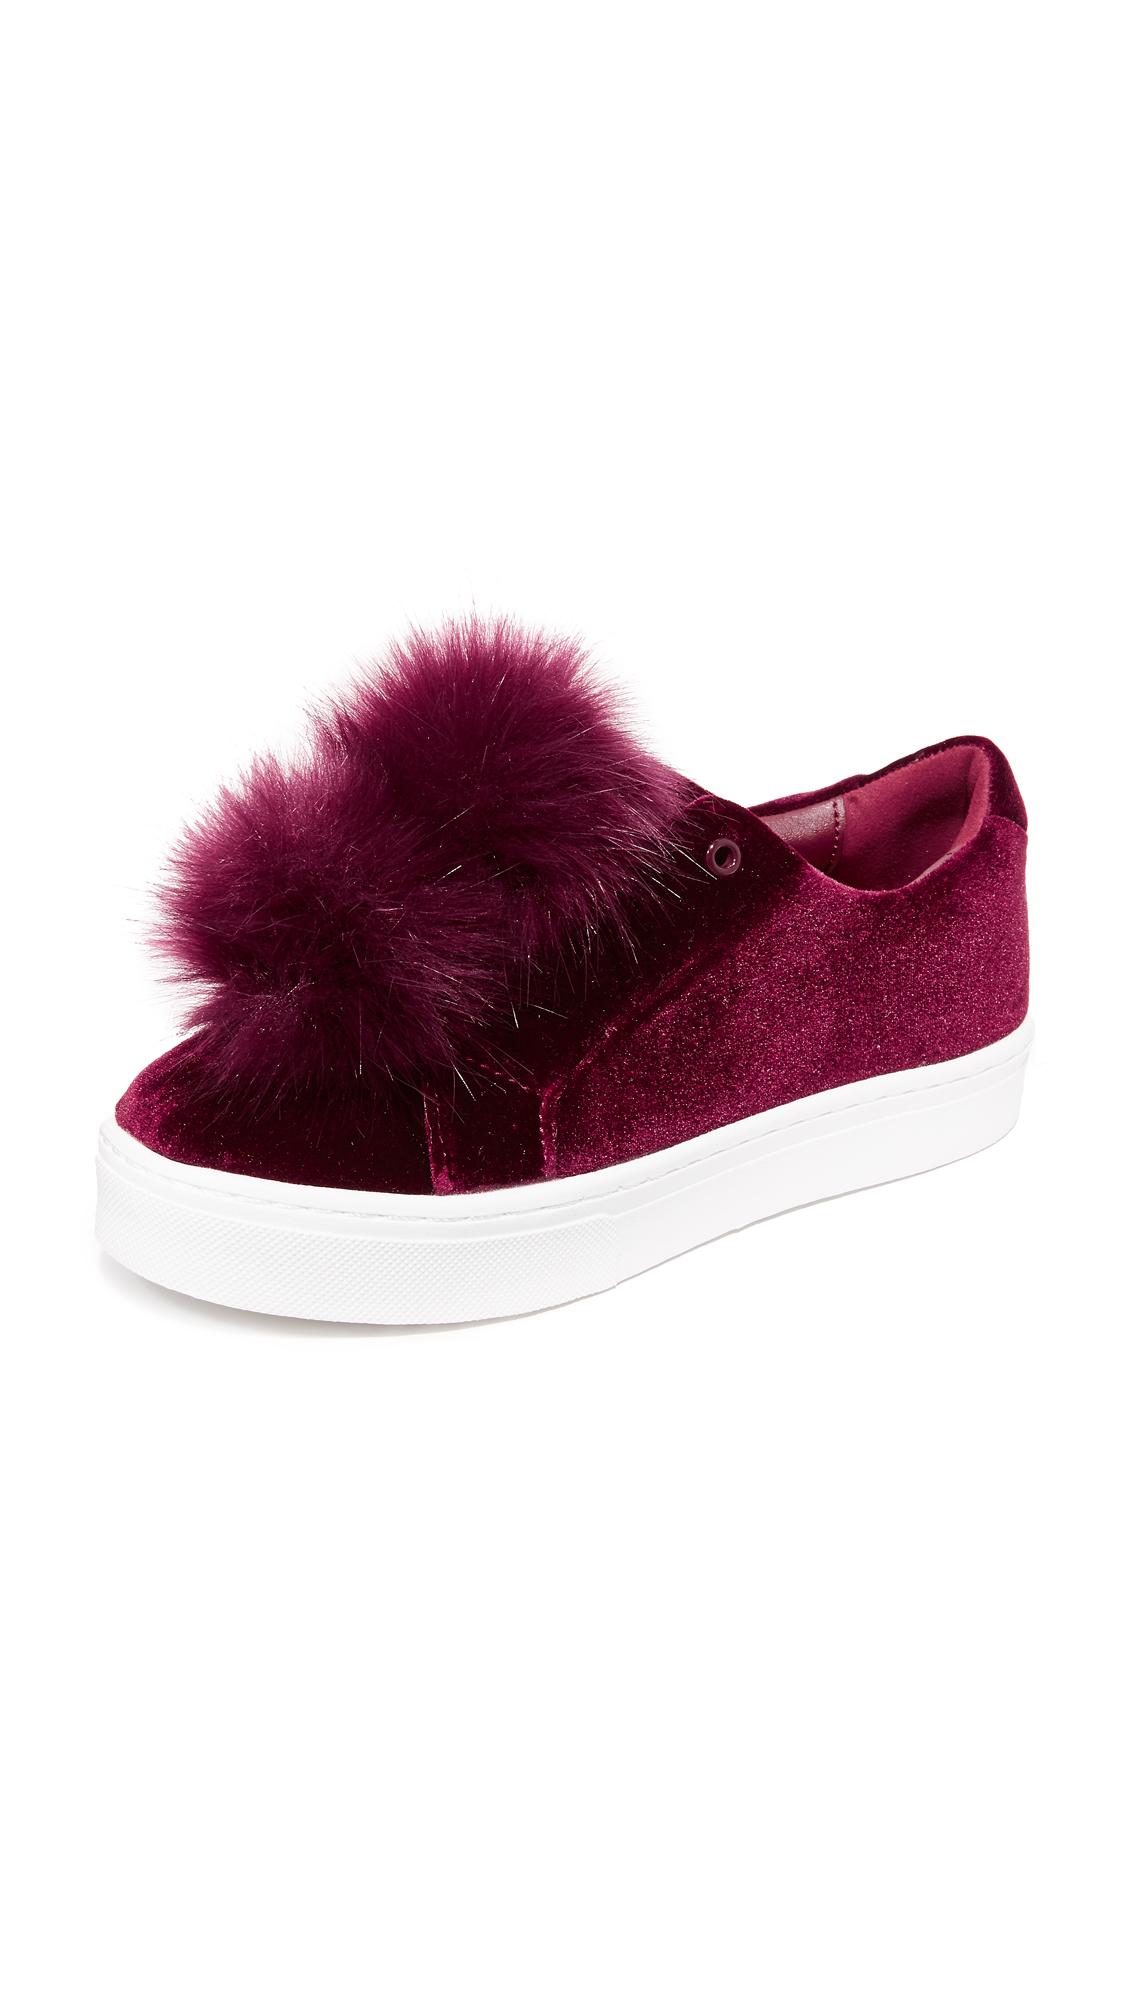 sam edelman female sam edelman leya velvet pom pom sneakers burgundy velvet